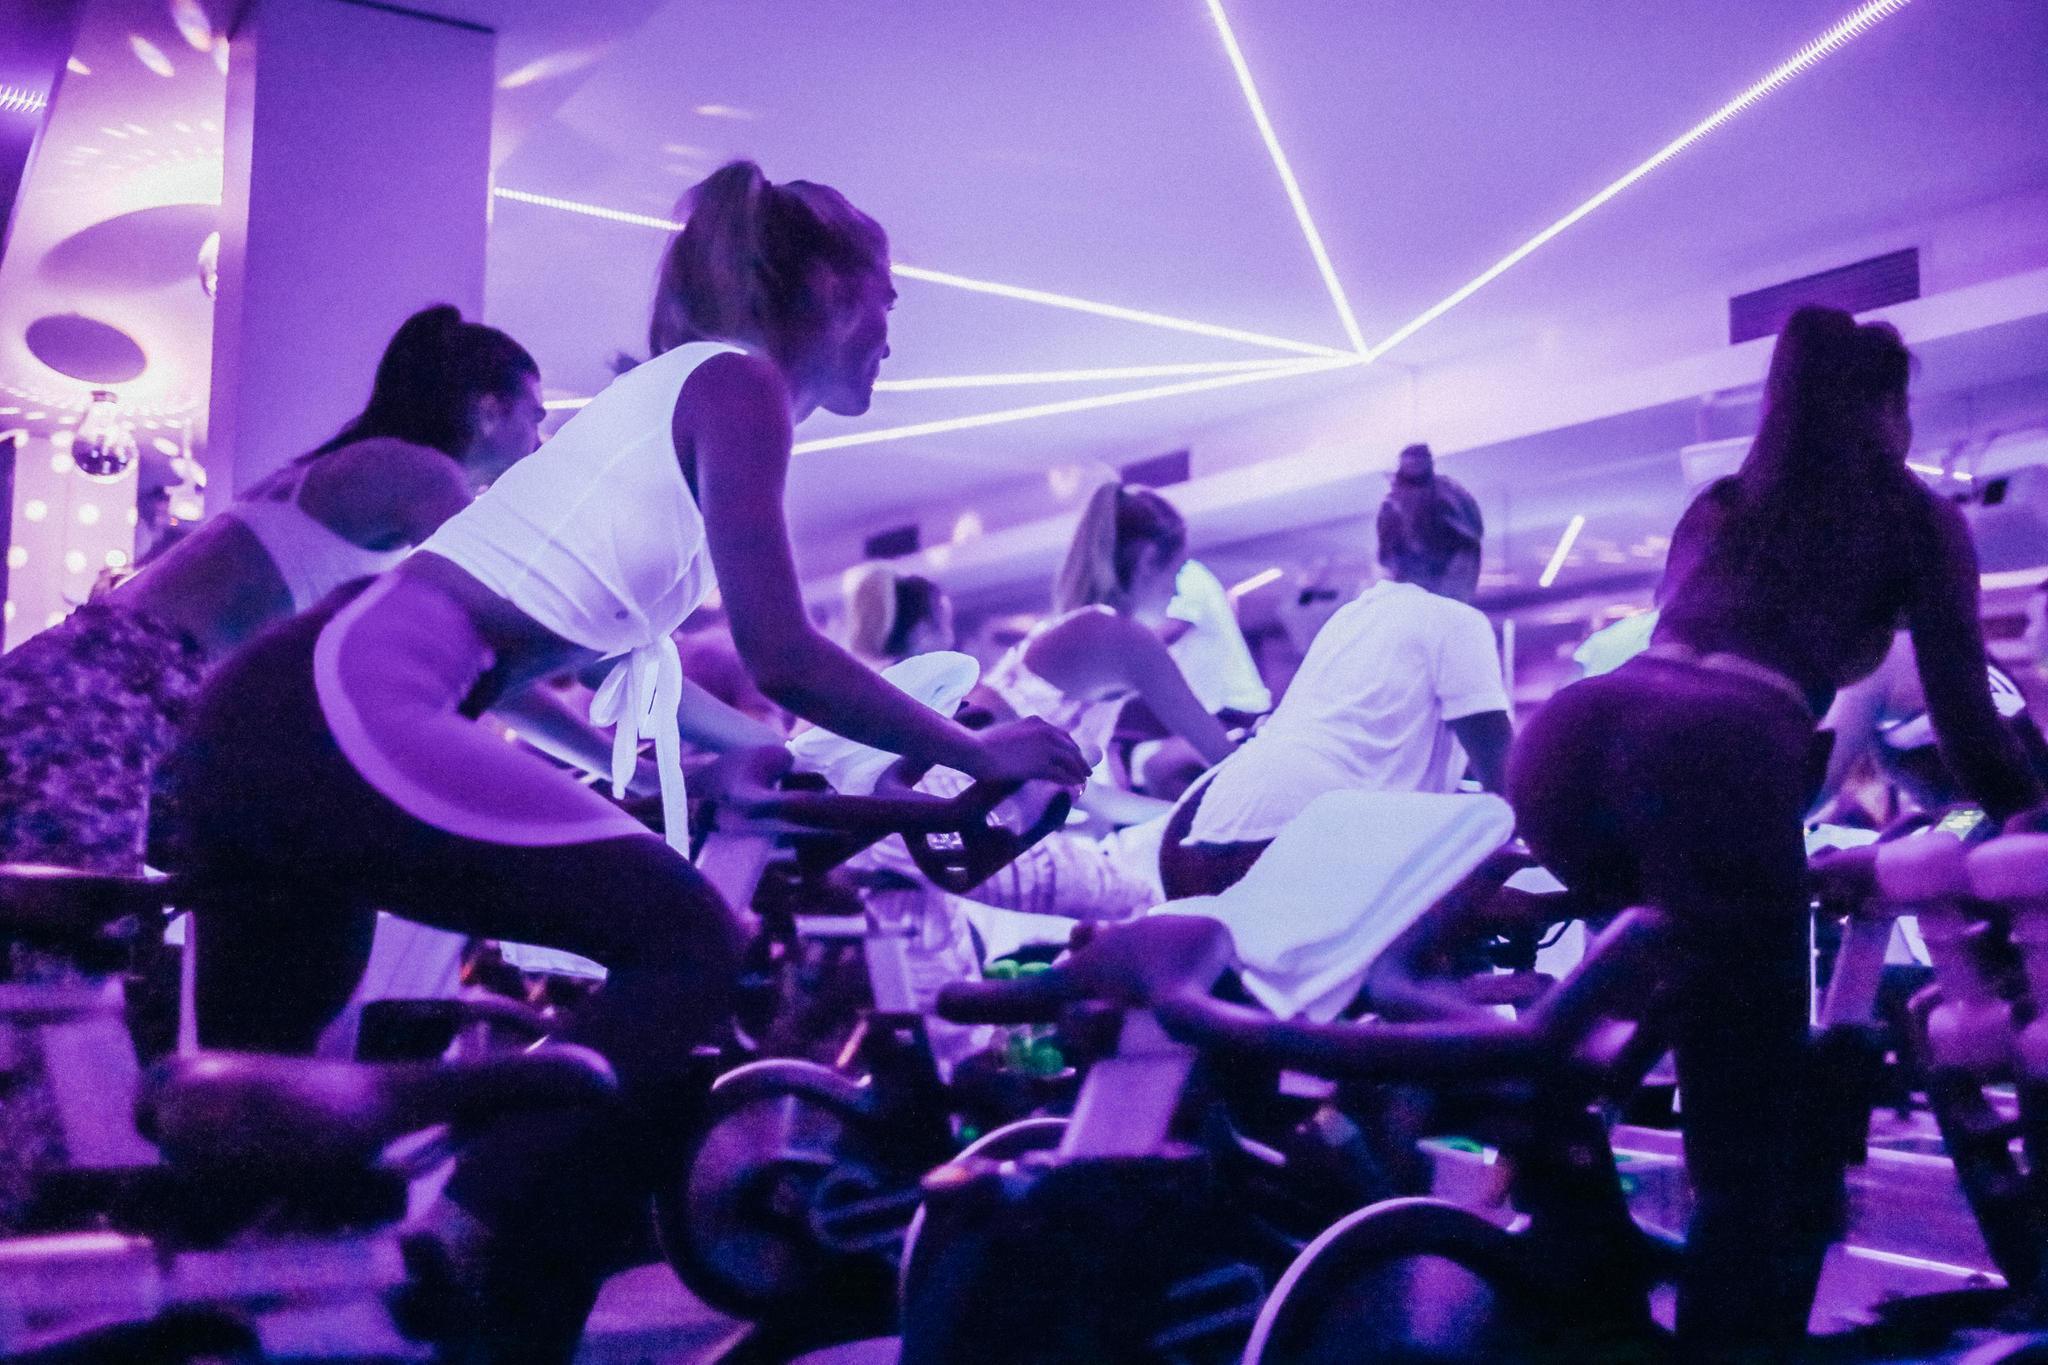 """Volle Fahrt voraus! Im Hamburger Studio """"Hicycle"""" wird im Neonlicht zu Party-Musik gestrampelt"""